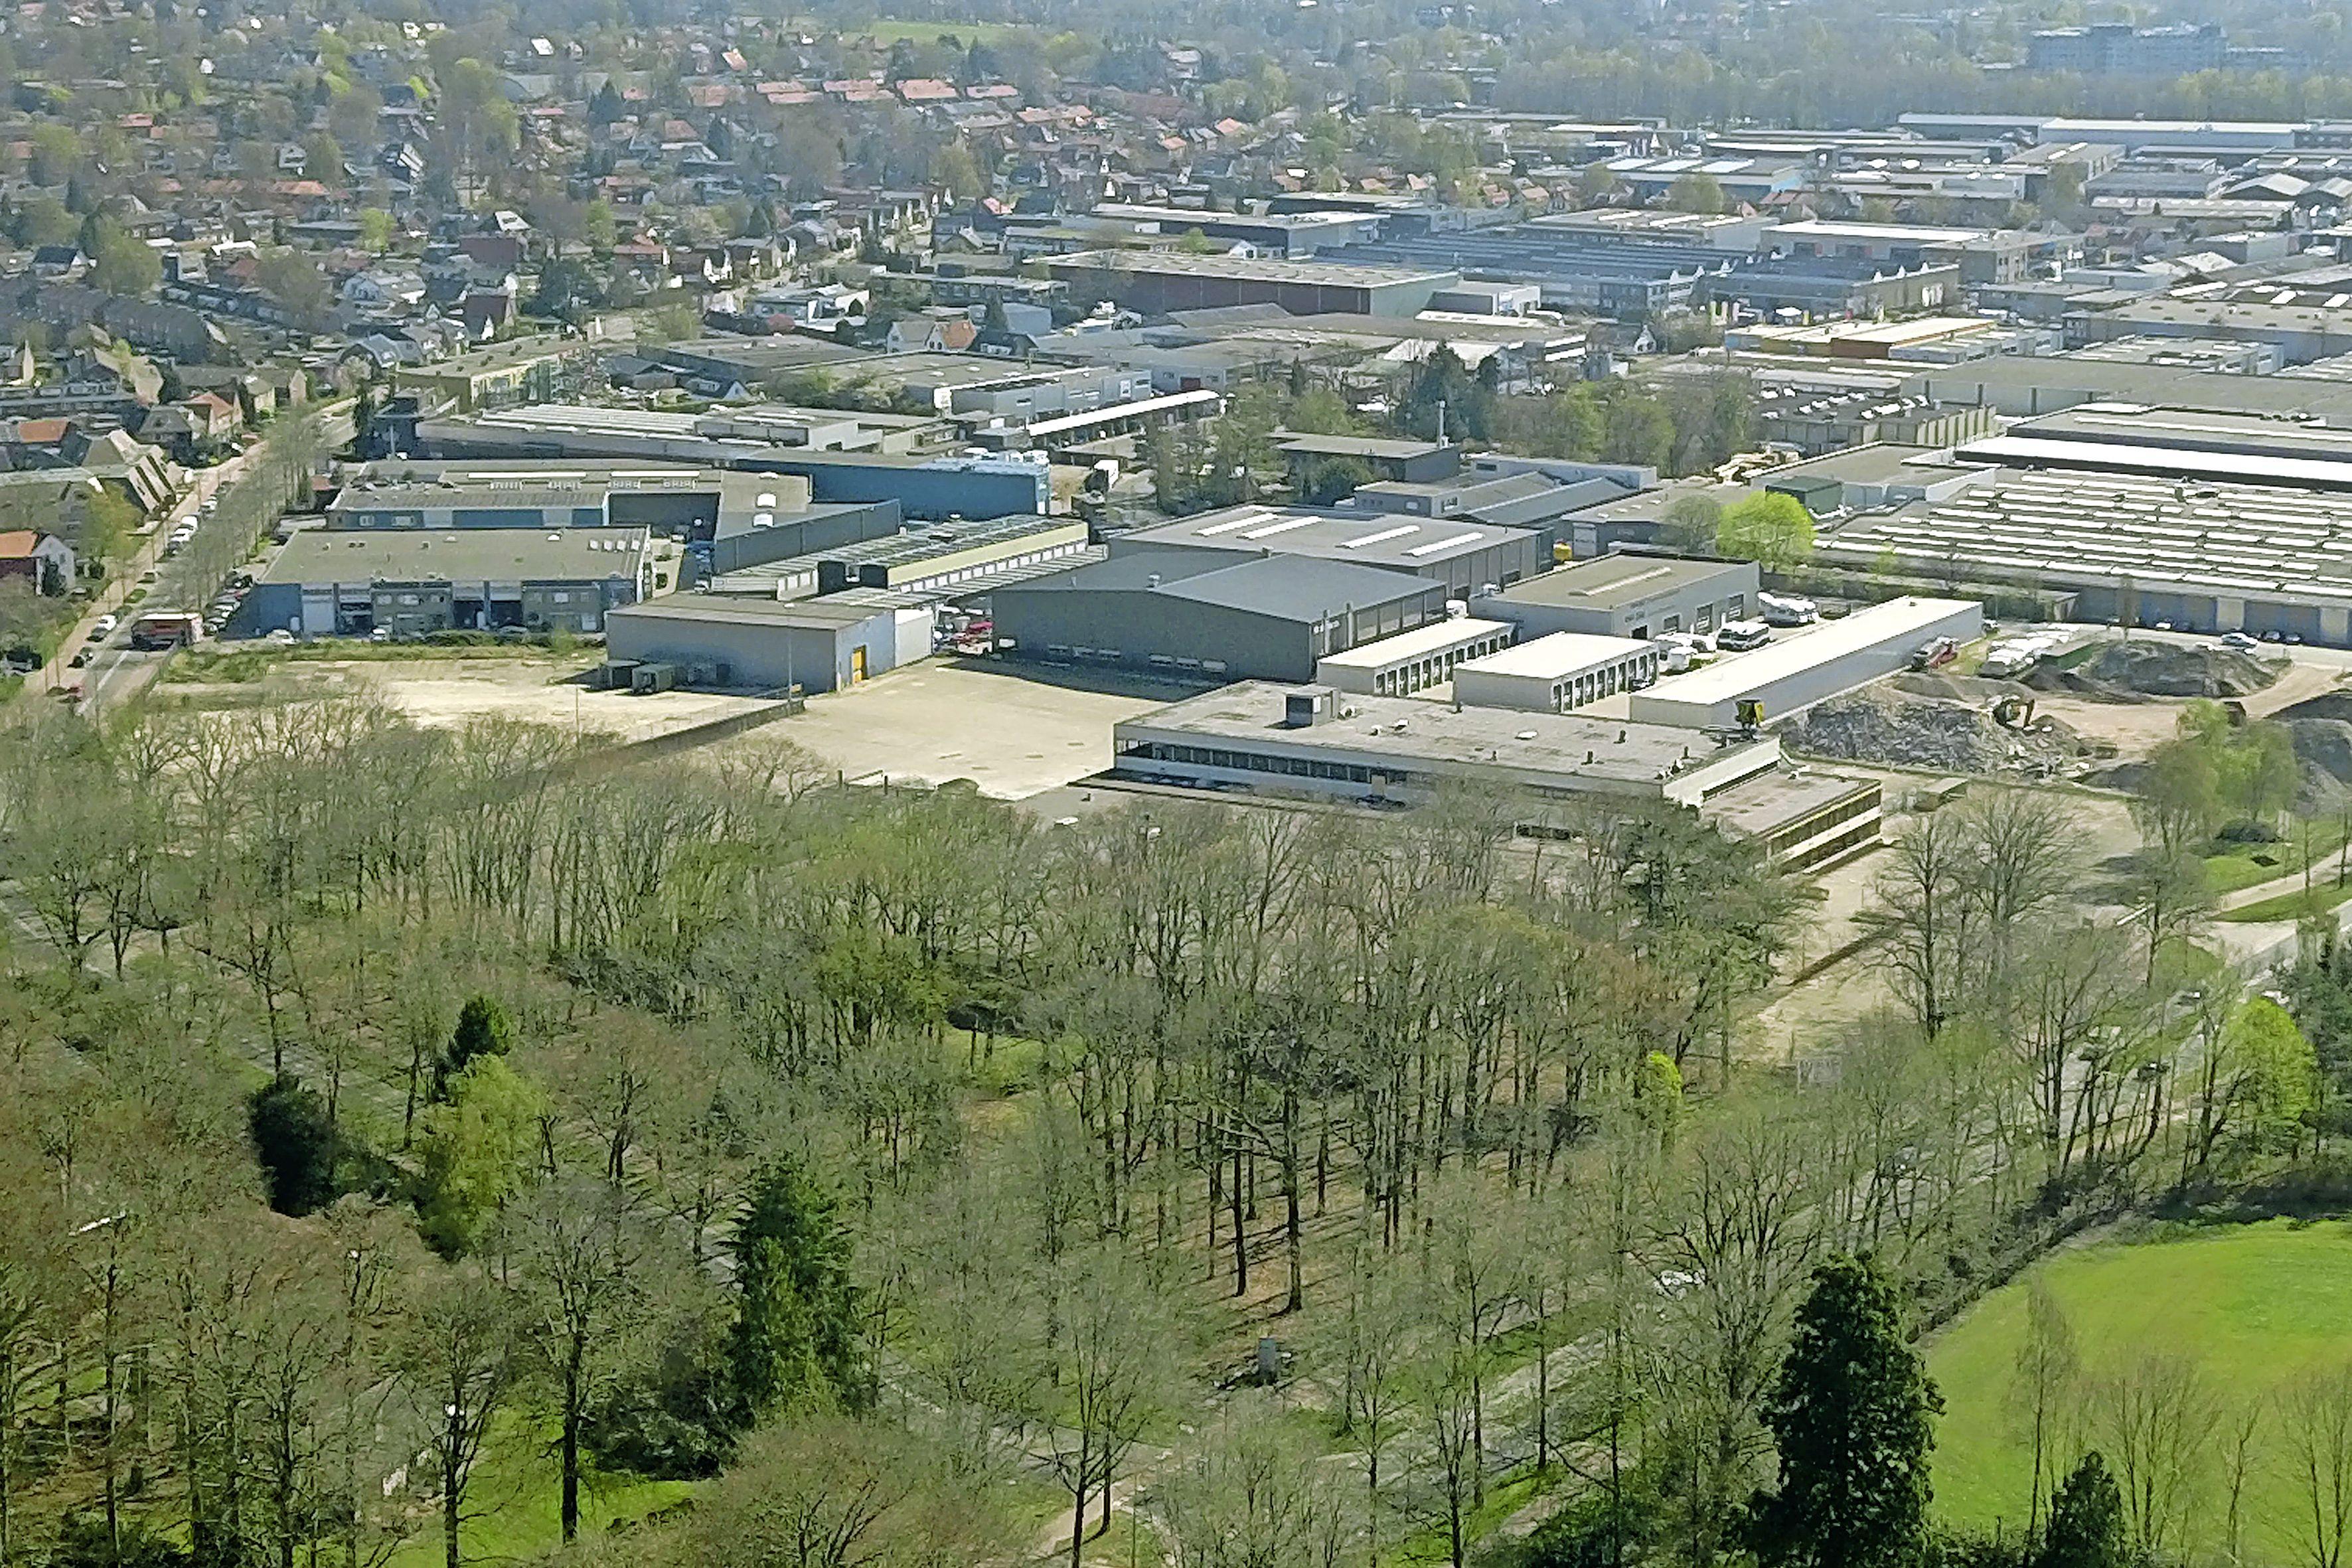 Soester bedrijfsleven tegen woningbouw op TBS-terrein, zegt bedrijvenmanager Henk van Asch; 'We hebben die ruimte gewoon nodig'